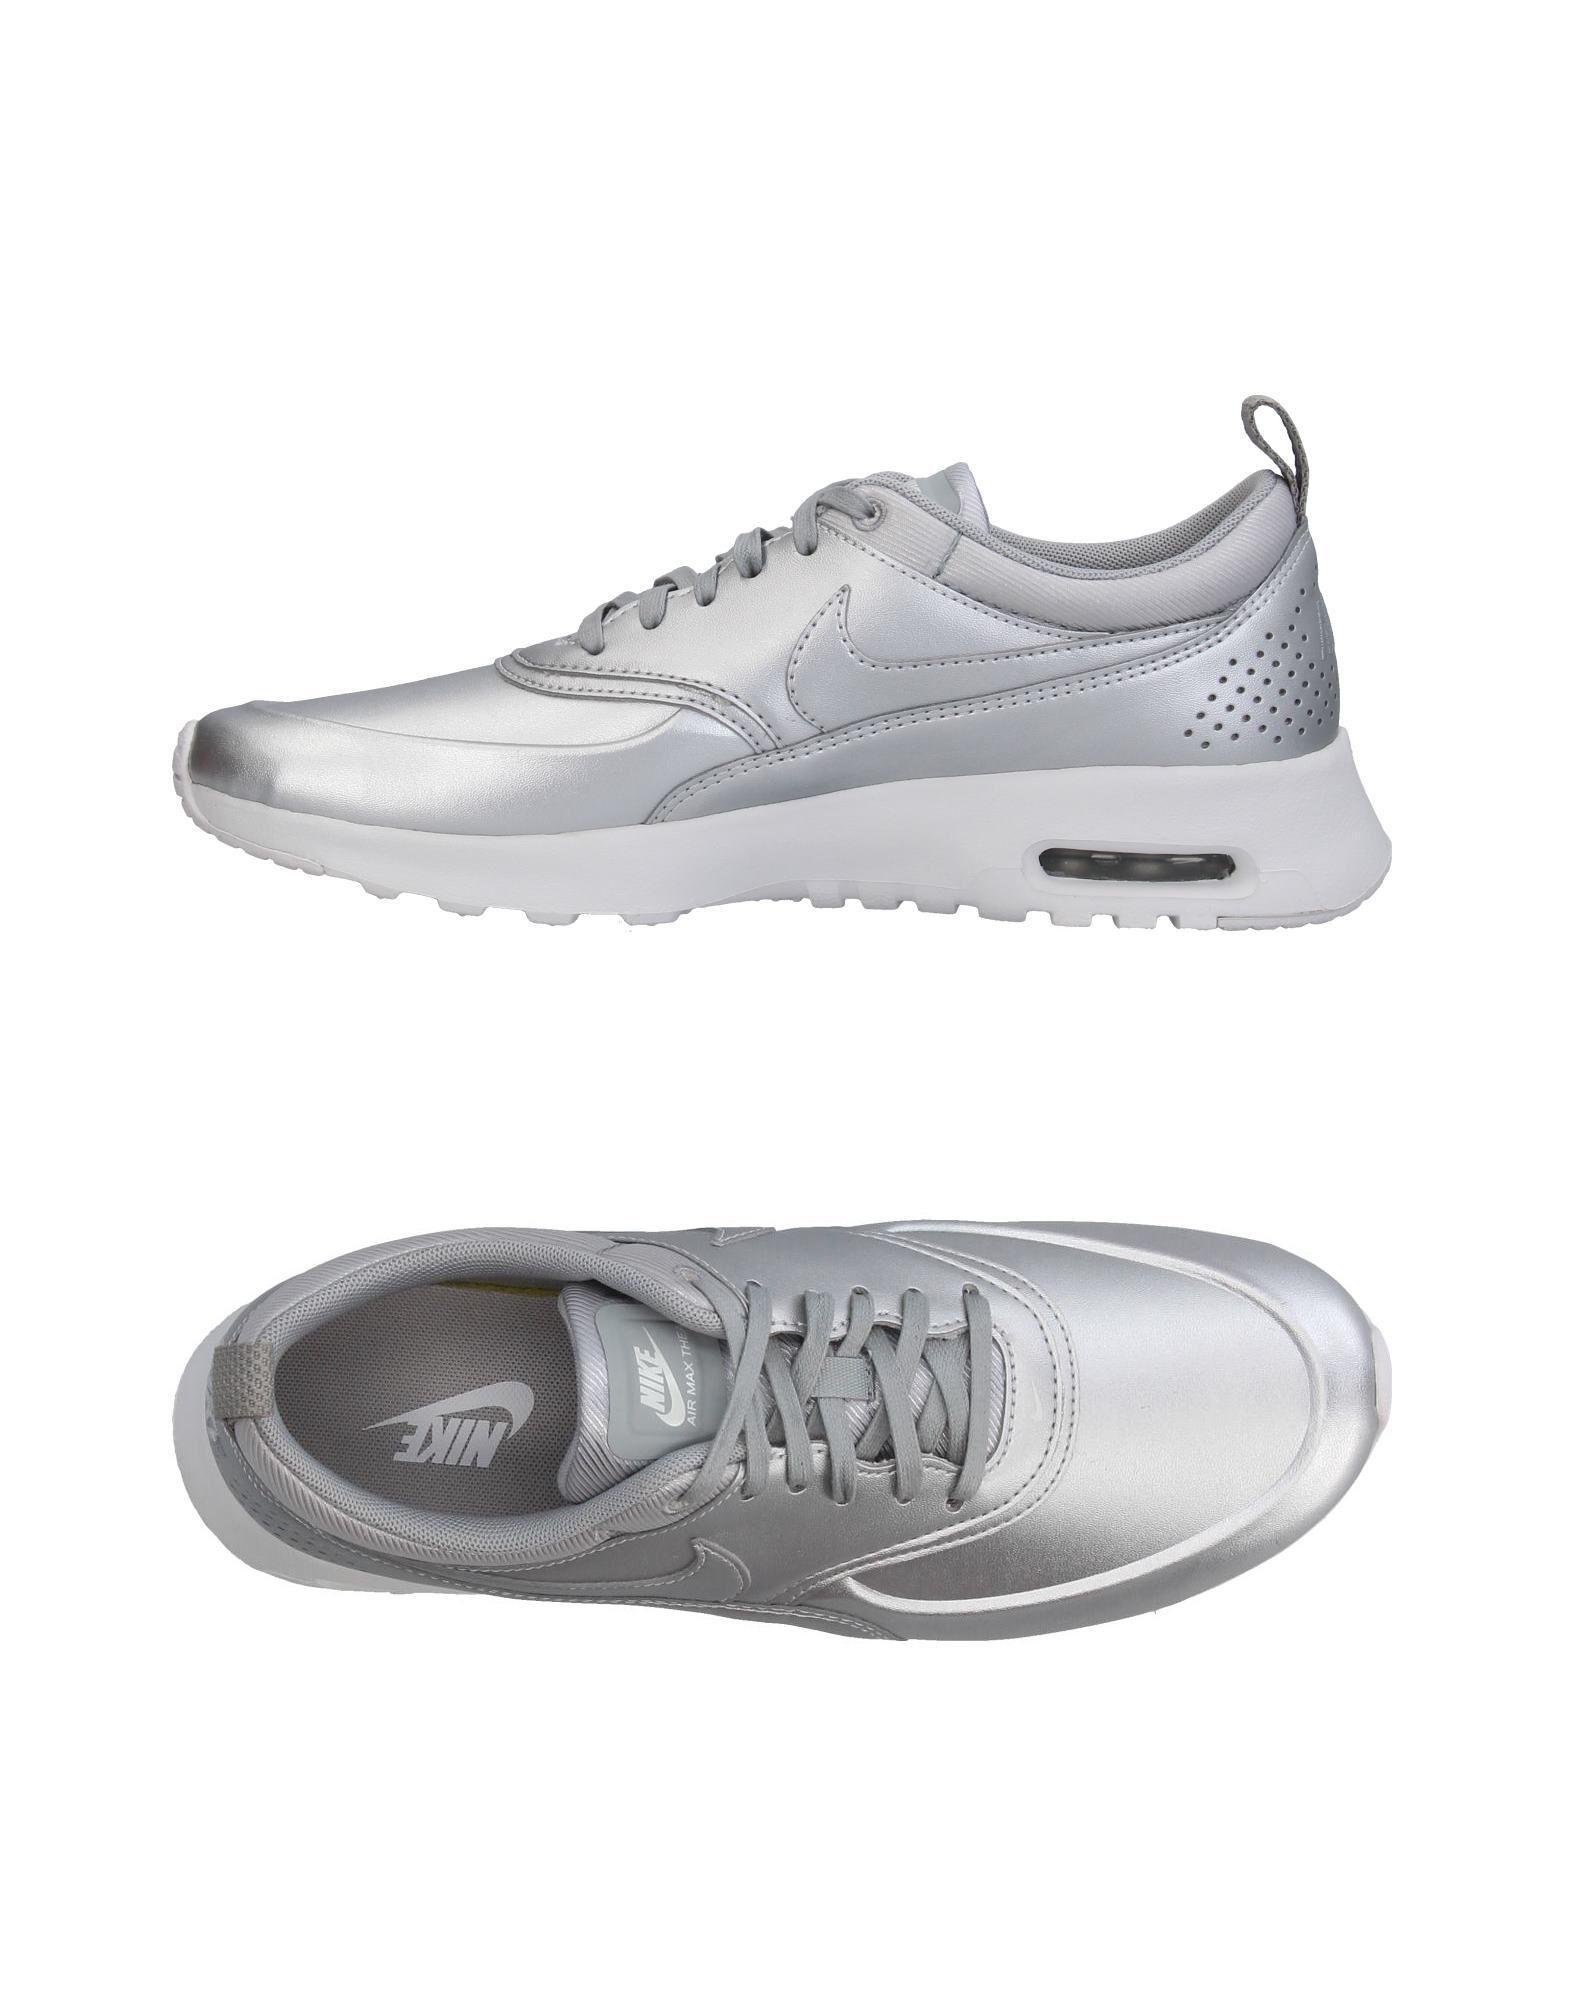 Scarpe Ginnastica da Ginnastica Scarpe Nike Donna - 11398098KJ 2dae8a